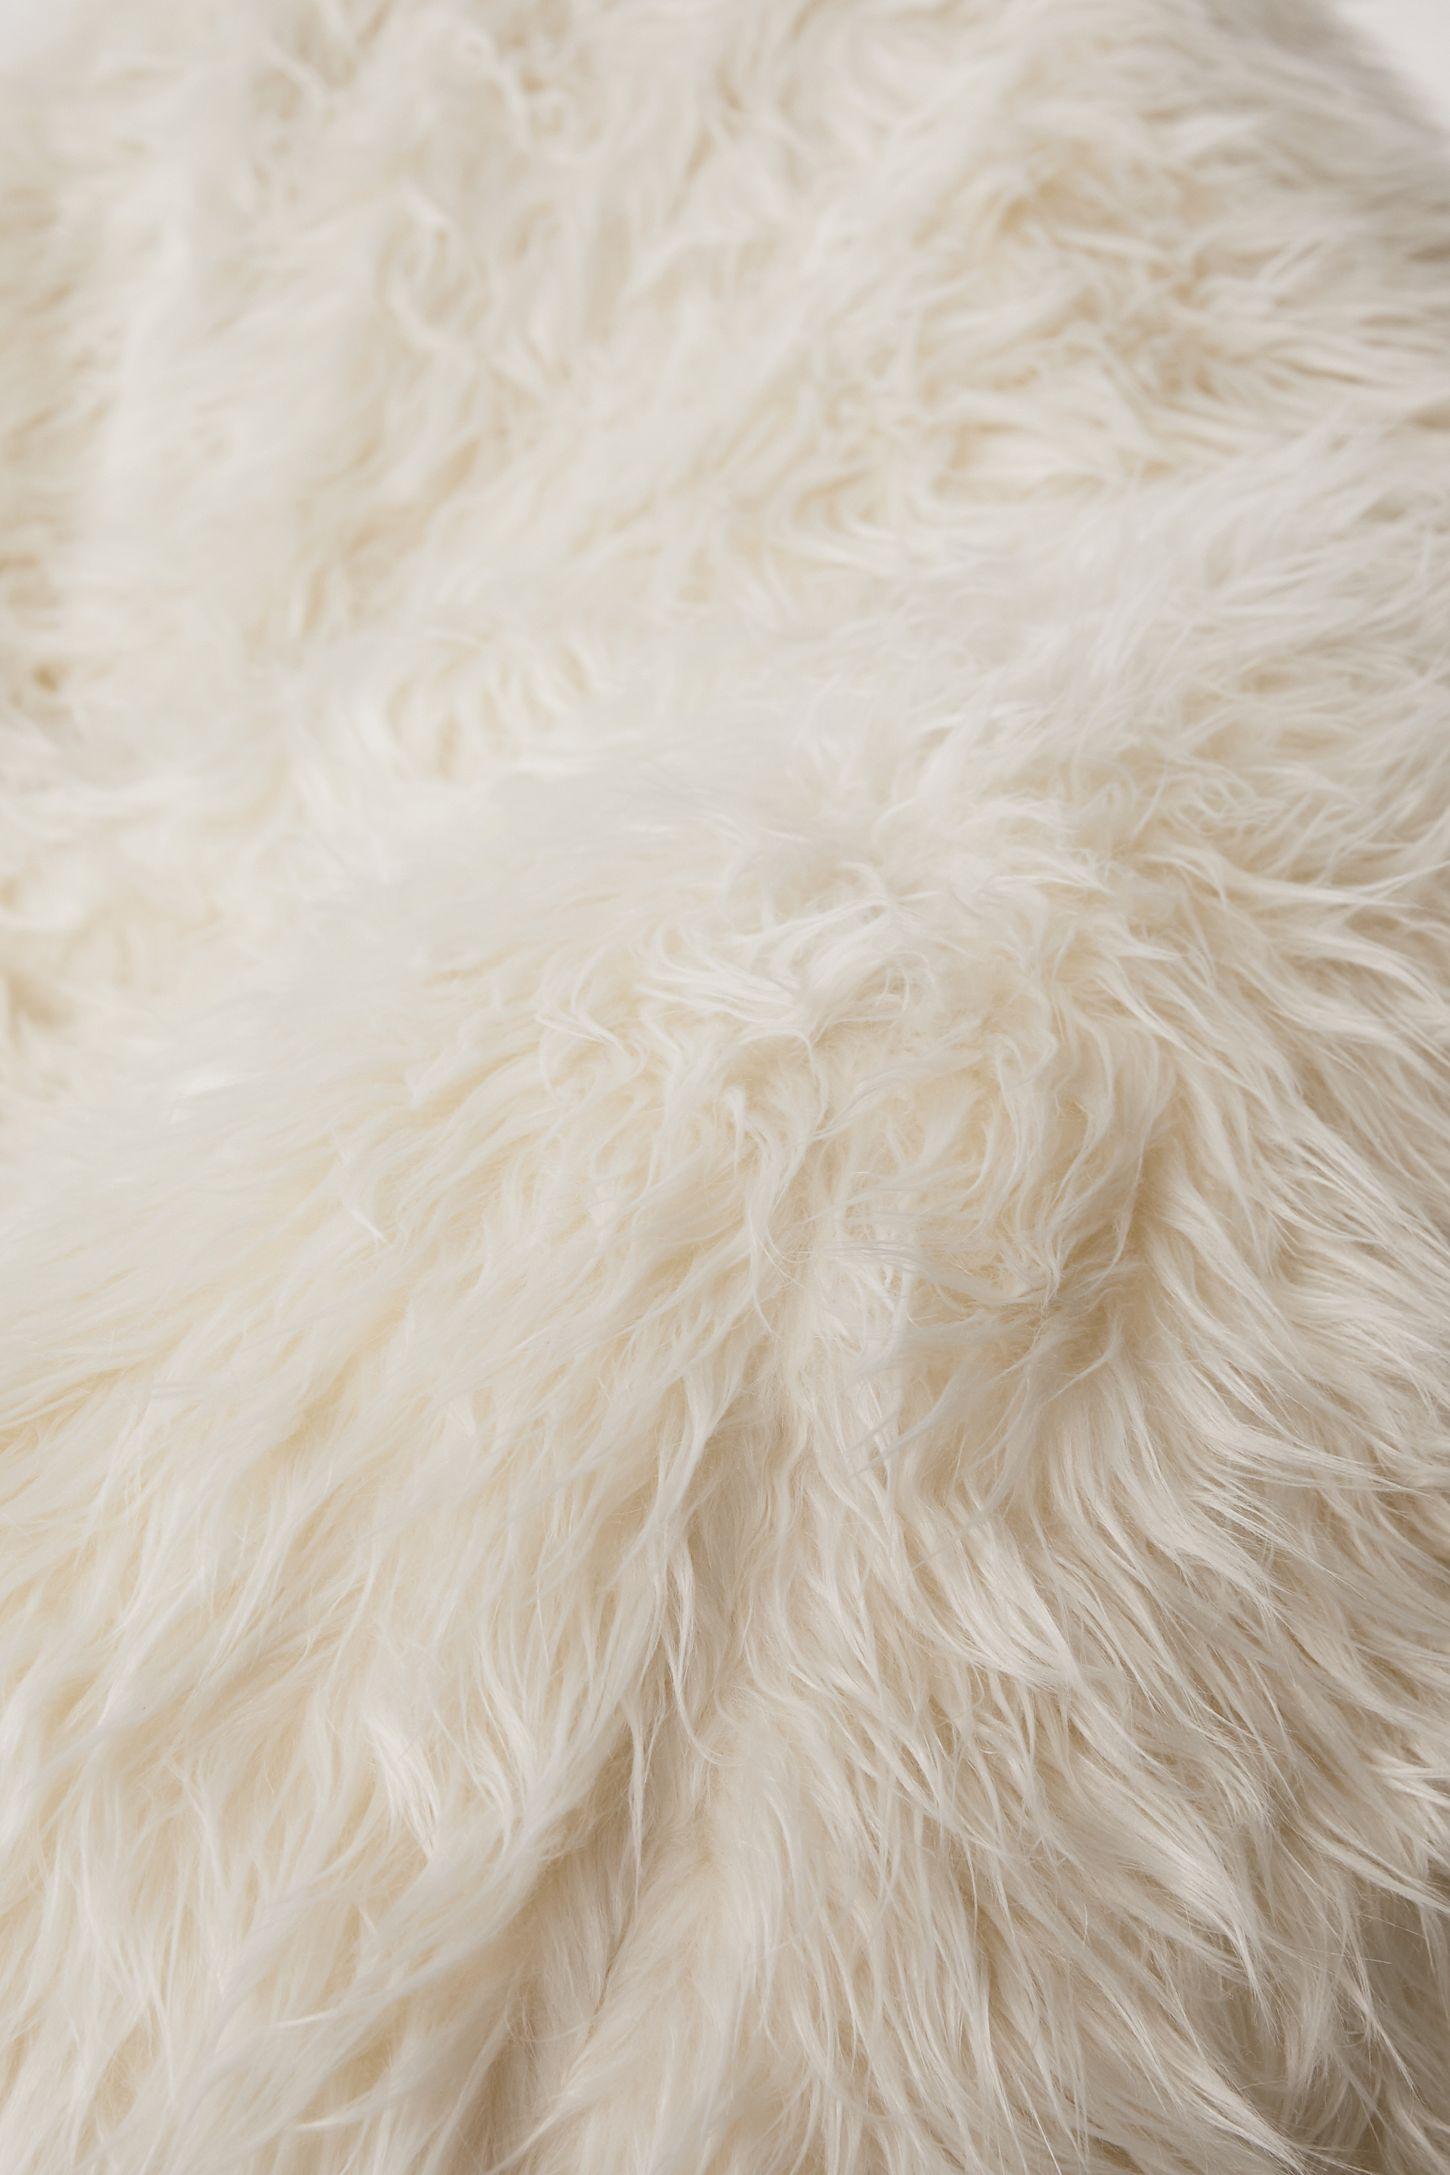 Slide View 4 Aspyn Faux Fur Shag Bean Bag Chair